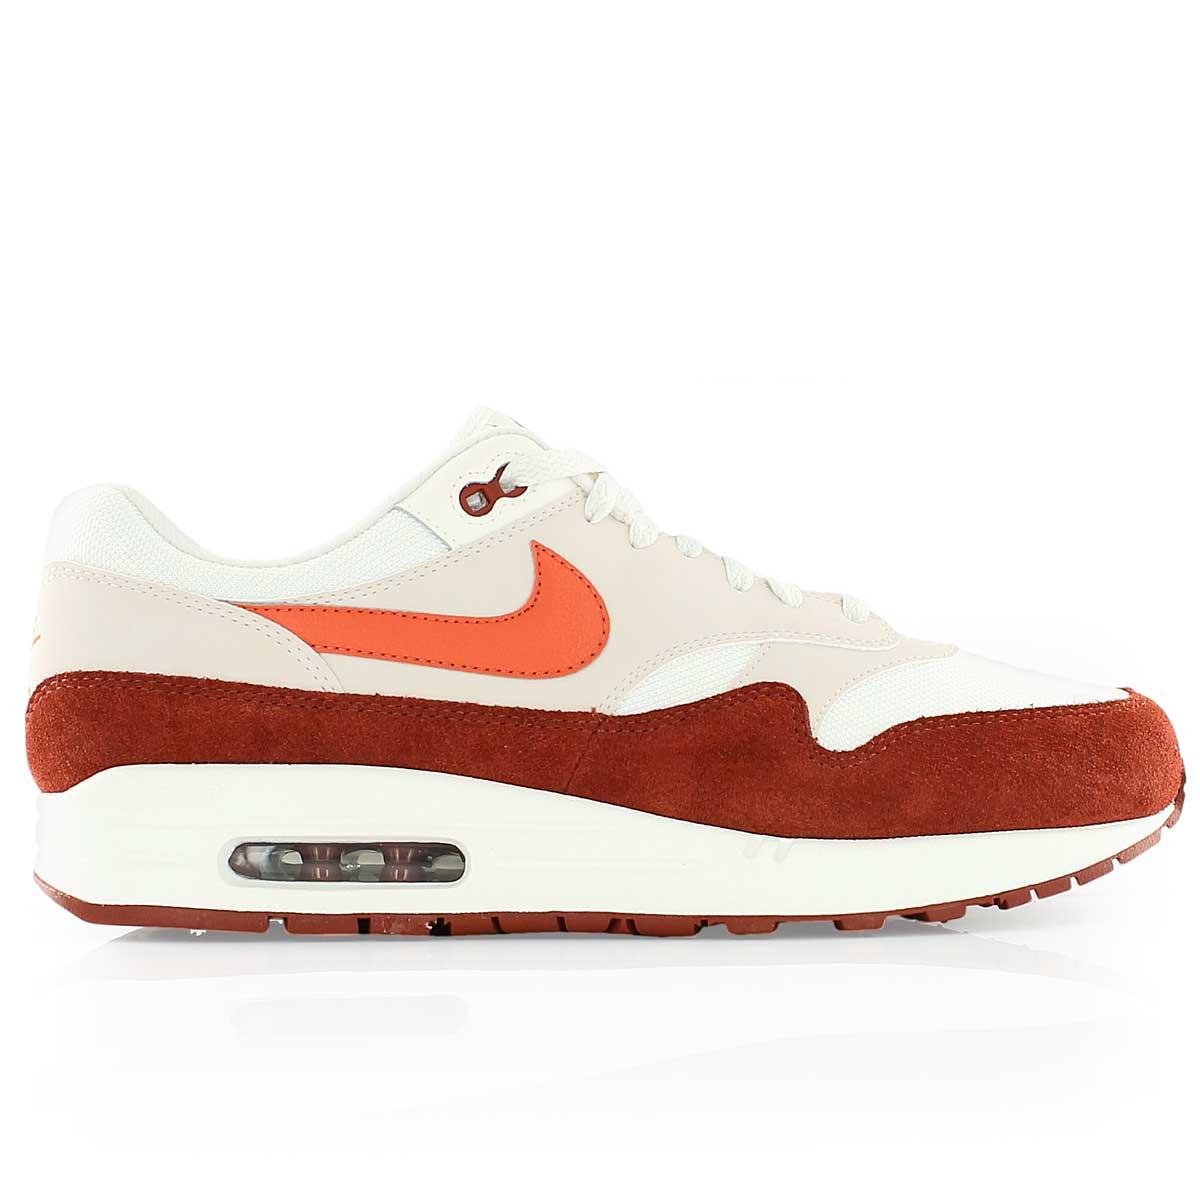 Nike Air Max 1 in rot/braun oder blau/weiß für 76€ inkl. Versand bei [Kickz] [Größen bis 47,5]